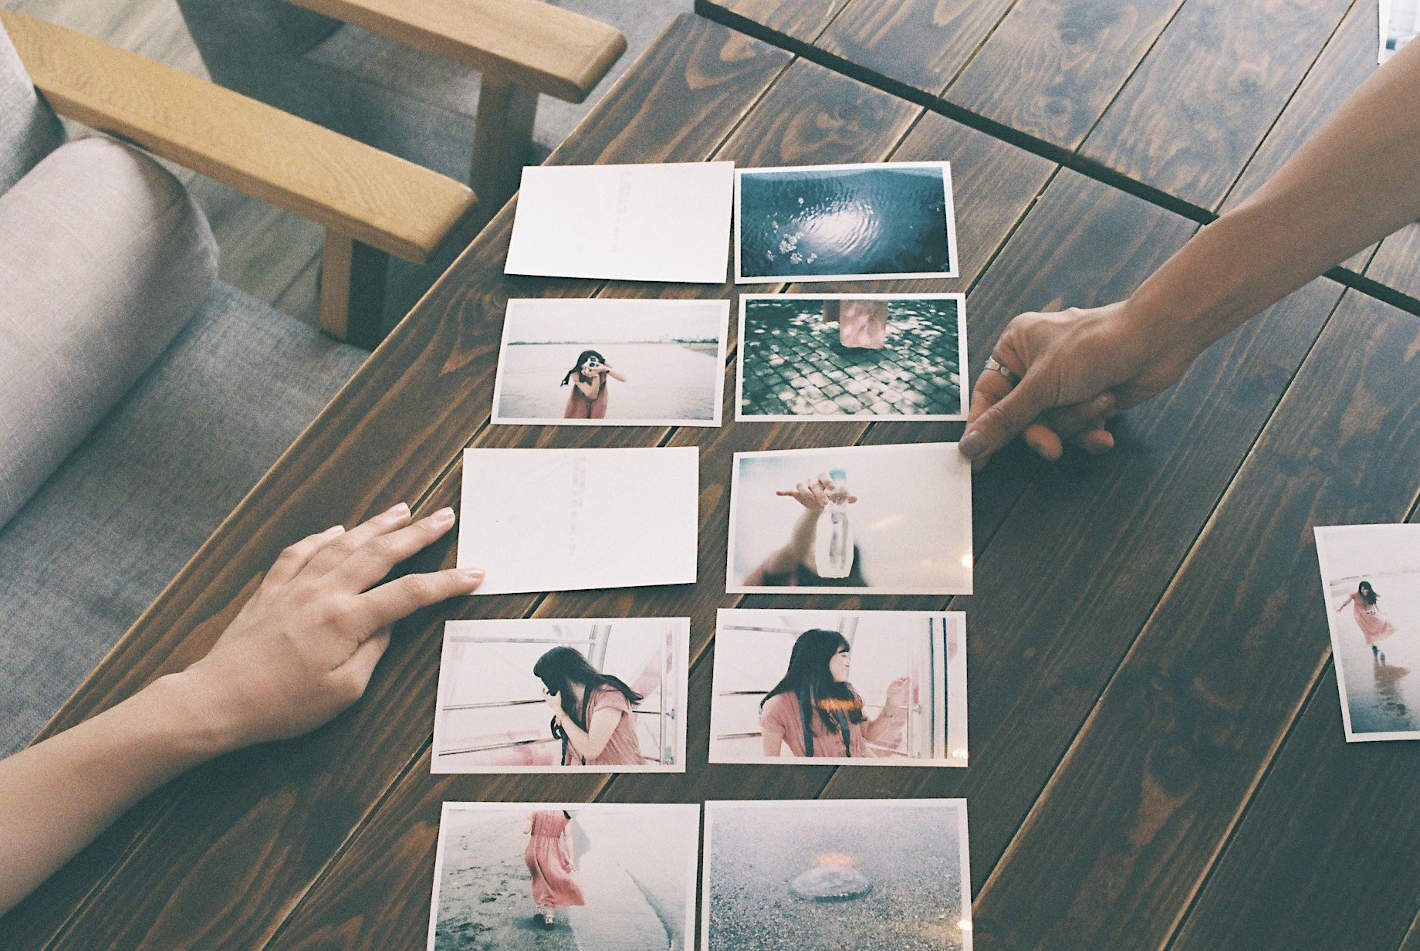 【現像後も楽しむ】フィルム写真で作るフォトブック